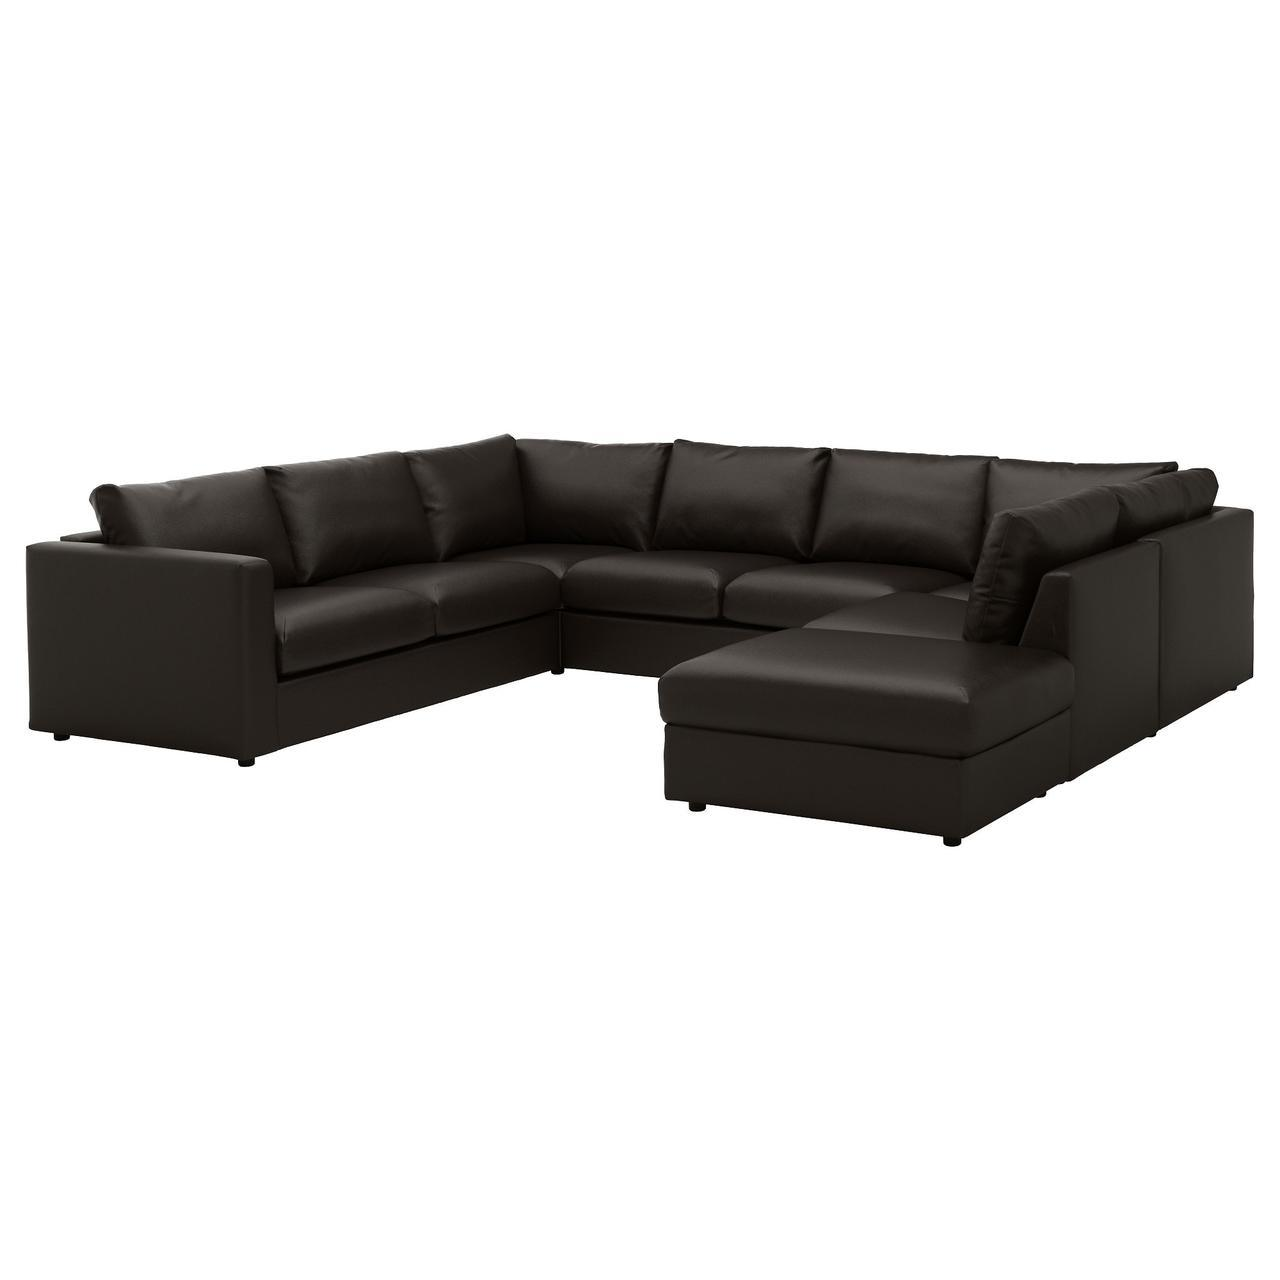 IKEA VIMLE (092.115.74) U-образный, 6-местный диван с открытым концом, Farsta темно-синий